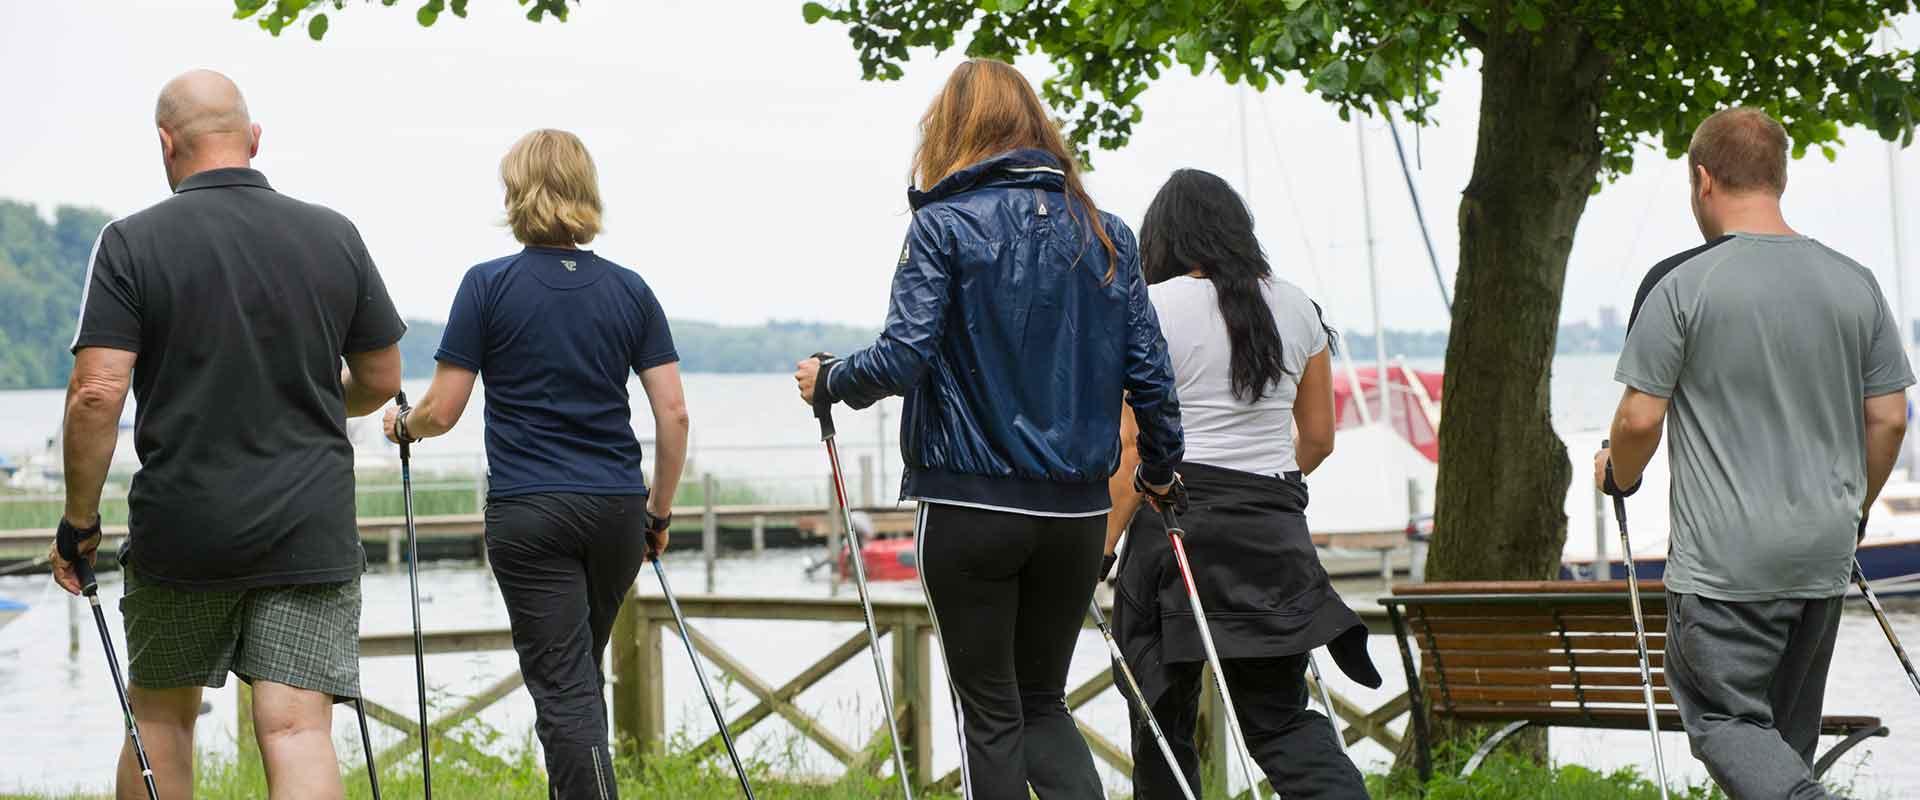 Spaziergang entlang des Schweriner Sees der MEDIAN Klinik Schweriner See